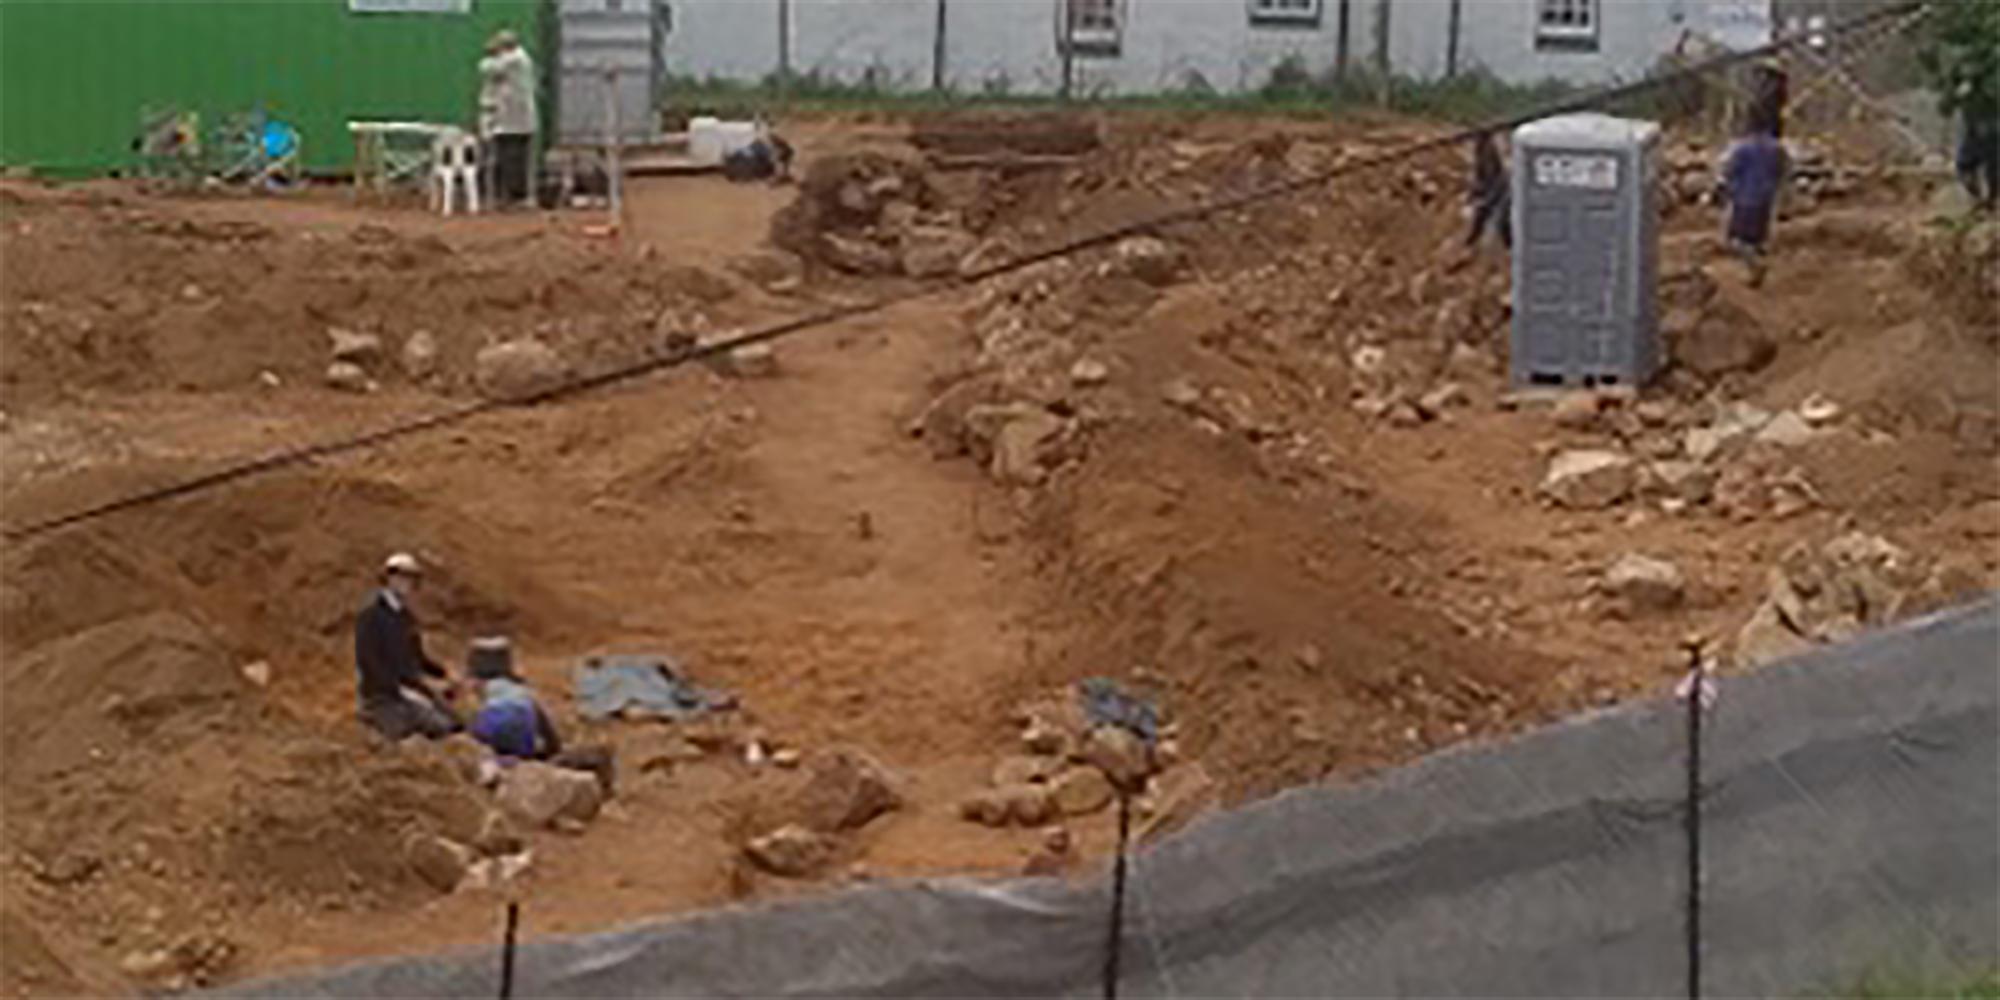 Let the bones speak – historical mass grave at Simon's Town